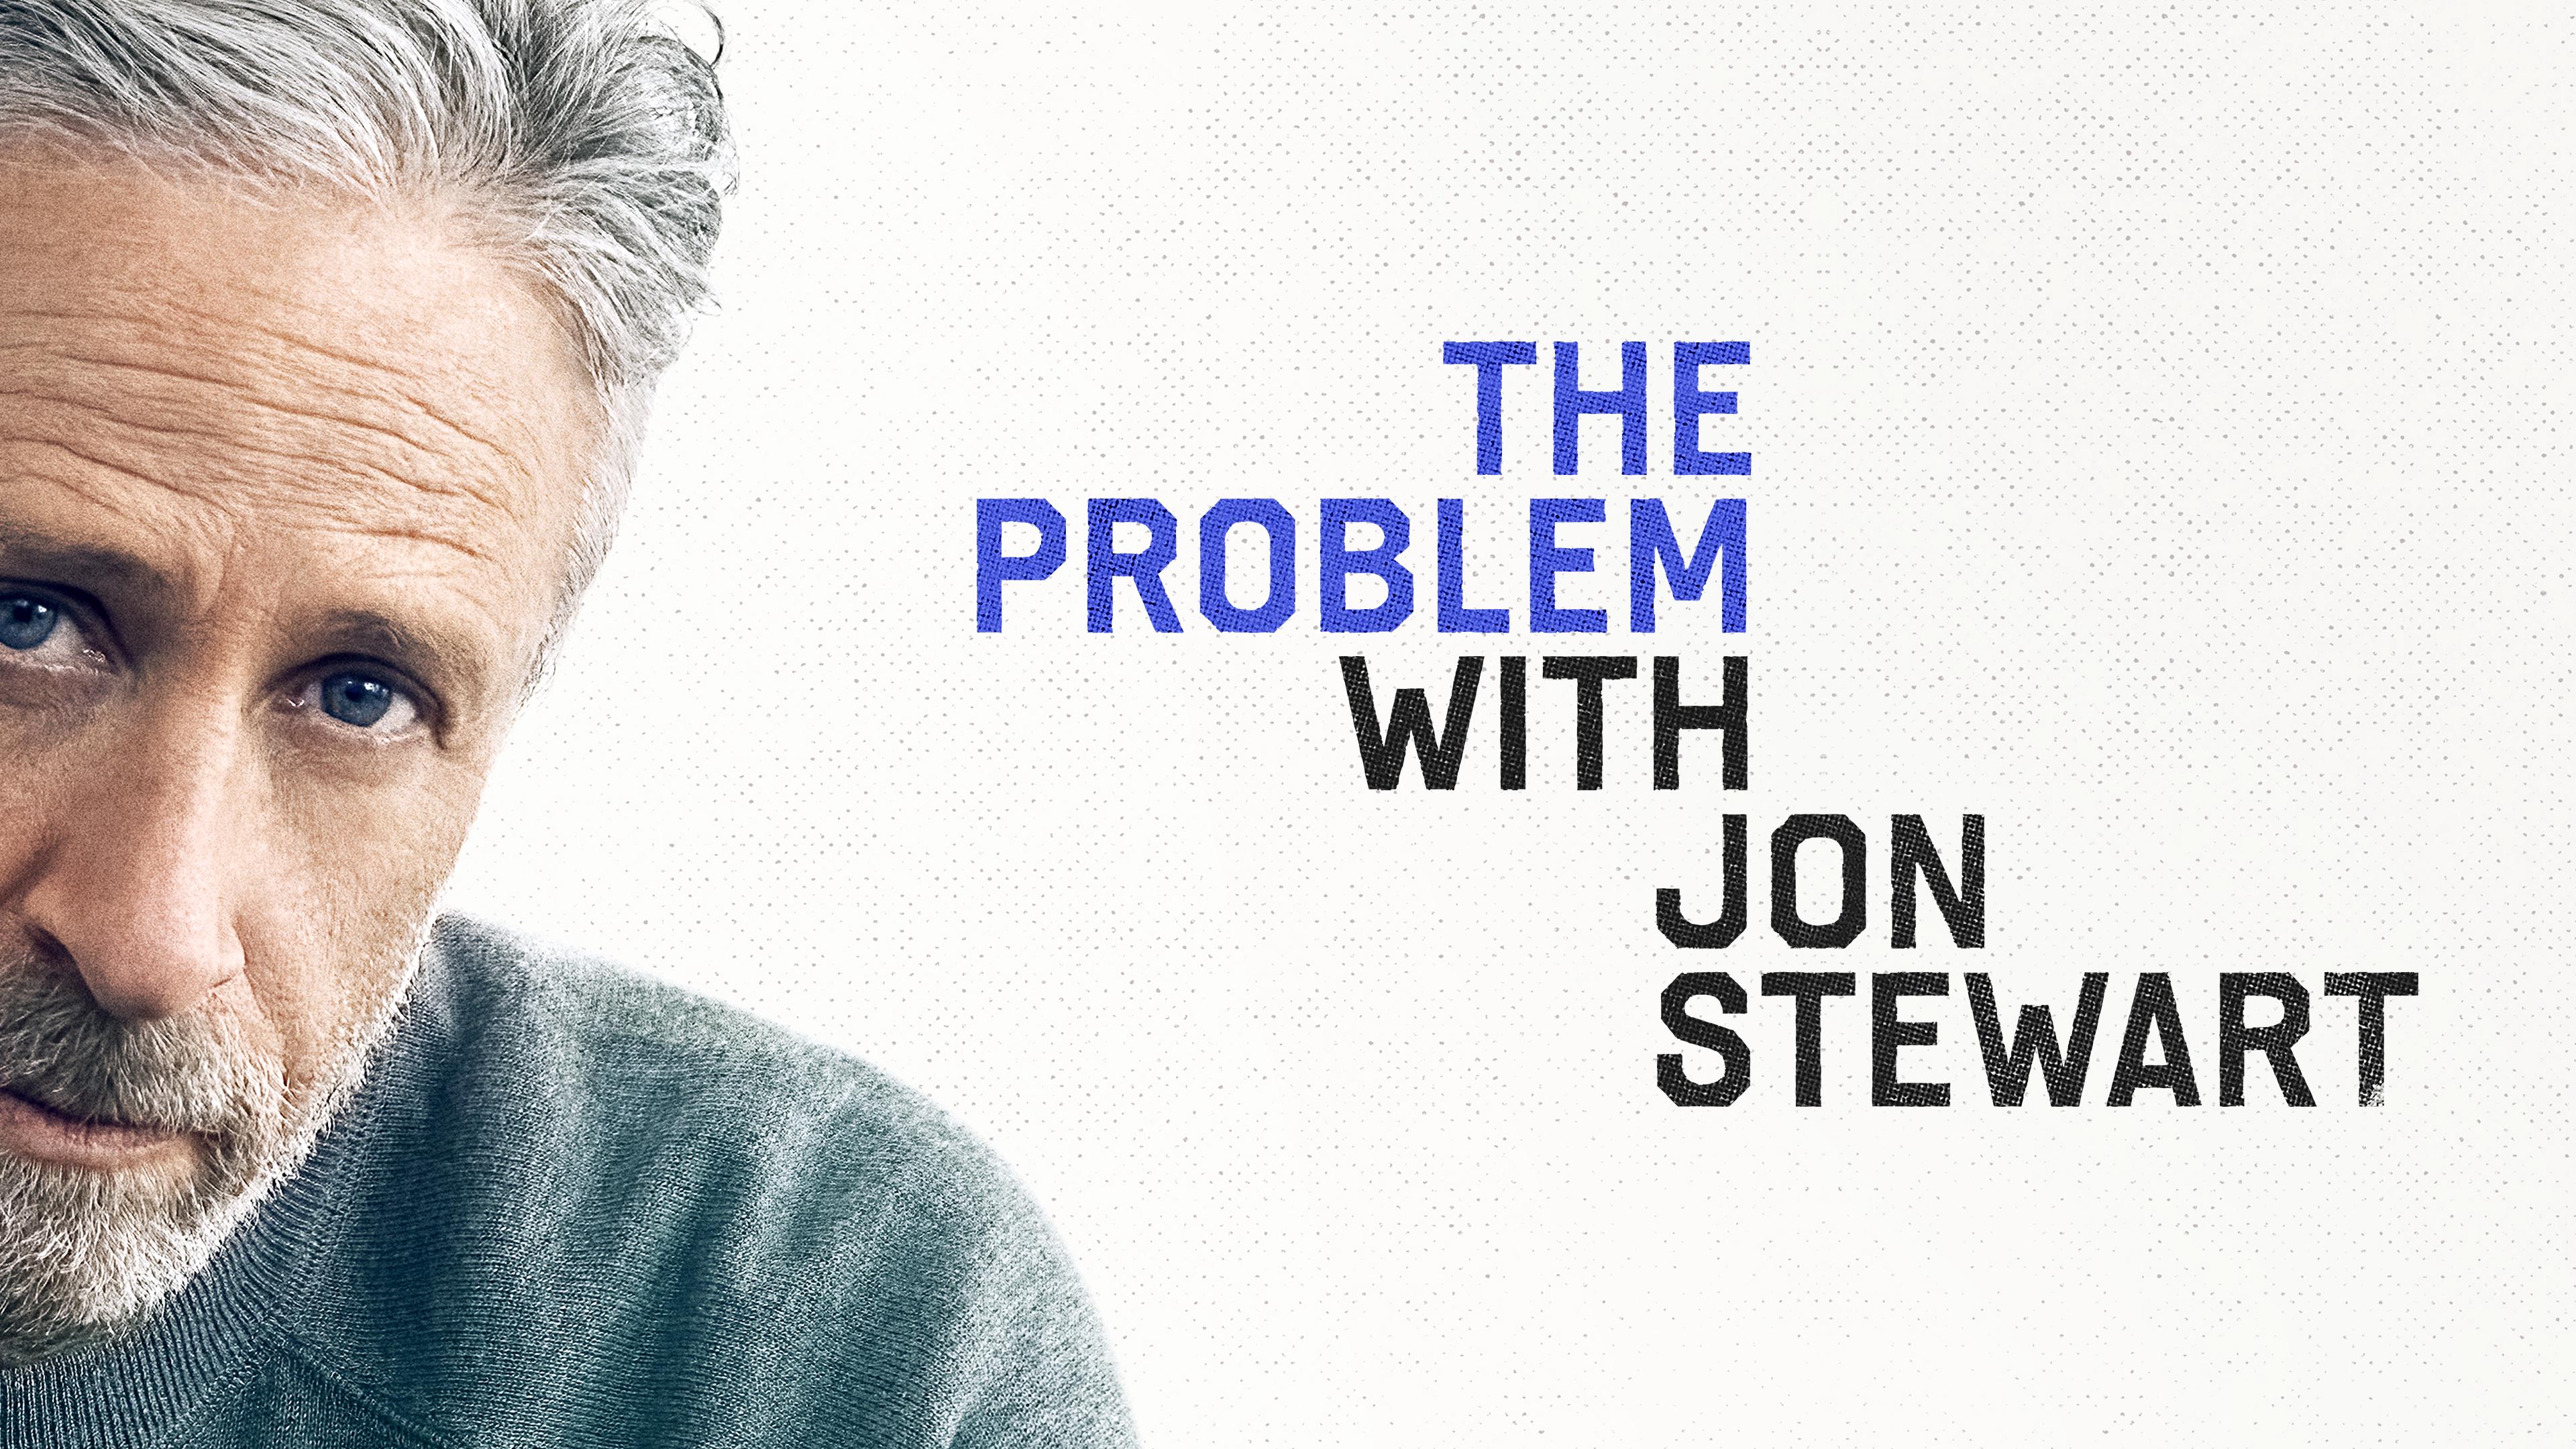 Jon Stewart apple tv+ apple